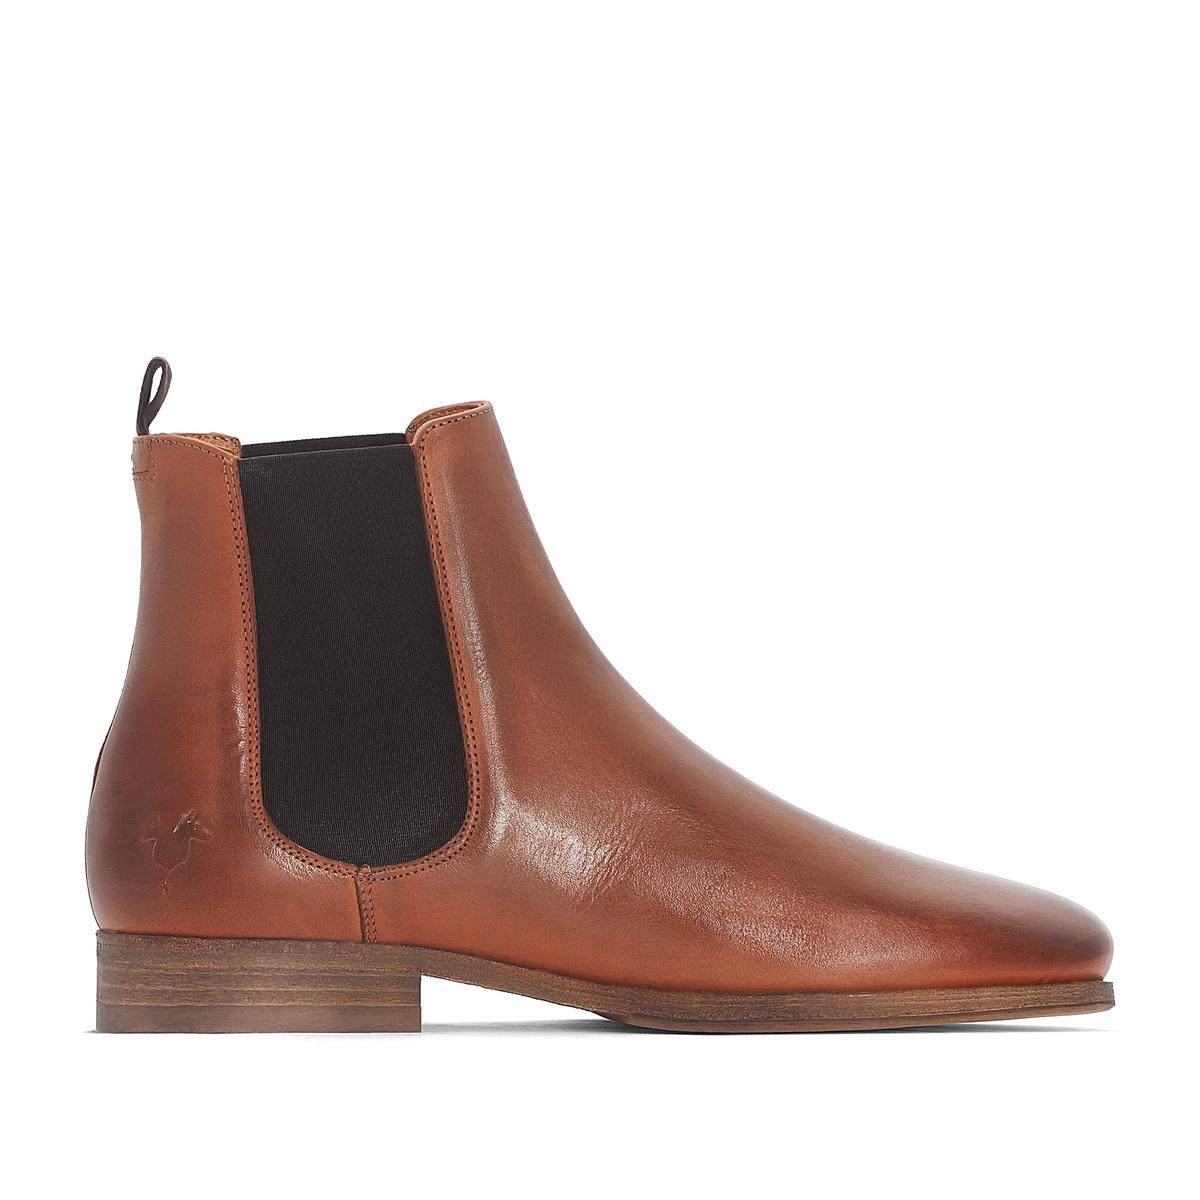 Ботинки-челси RAMEL1Детали  •  Высота каблука : 2 см.  •  Застежка : эластичная вставка •  Круглый мысок •  Гладкая отделкаСостав и уход  •  Верх 100% кожа •  Подкладка 50% кожи, 50% ткани •  Стелька 100% кожа<br><br>Цвет: коньячный